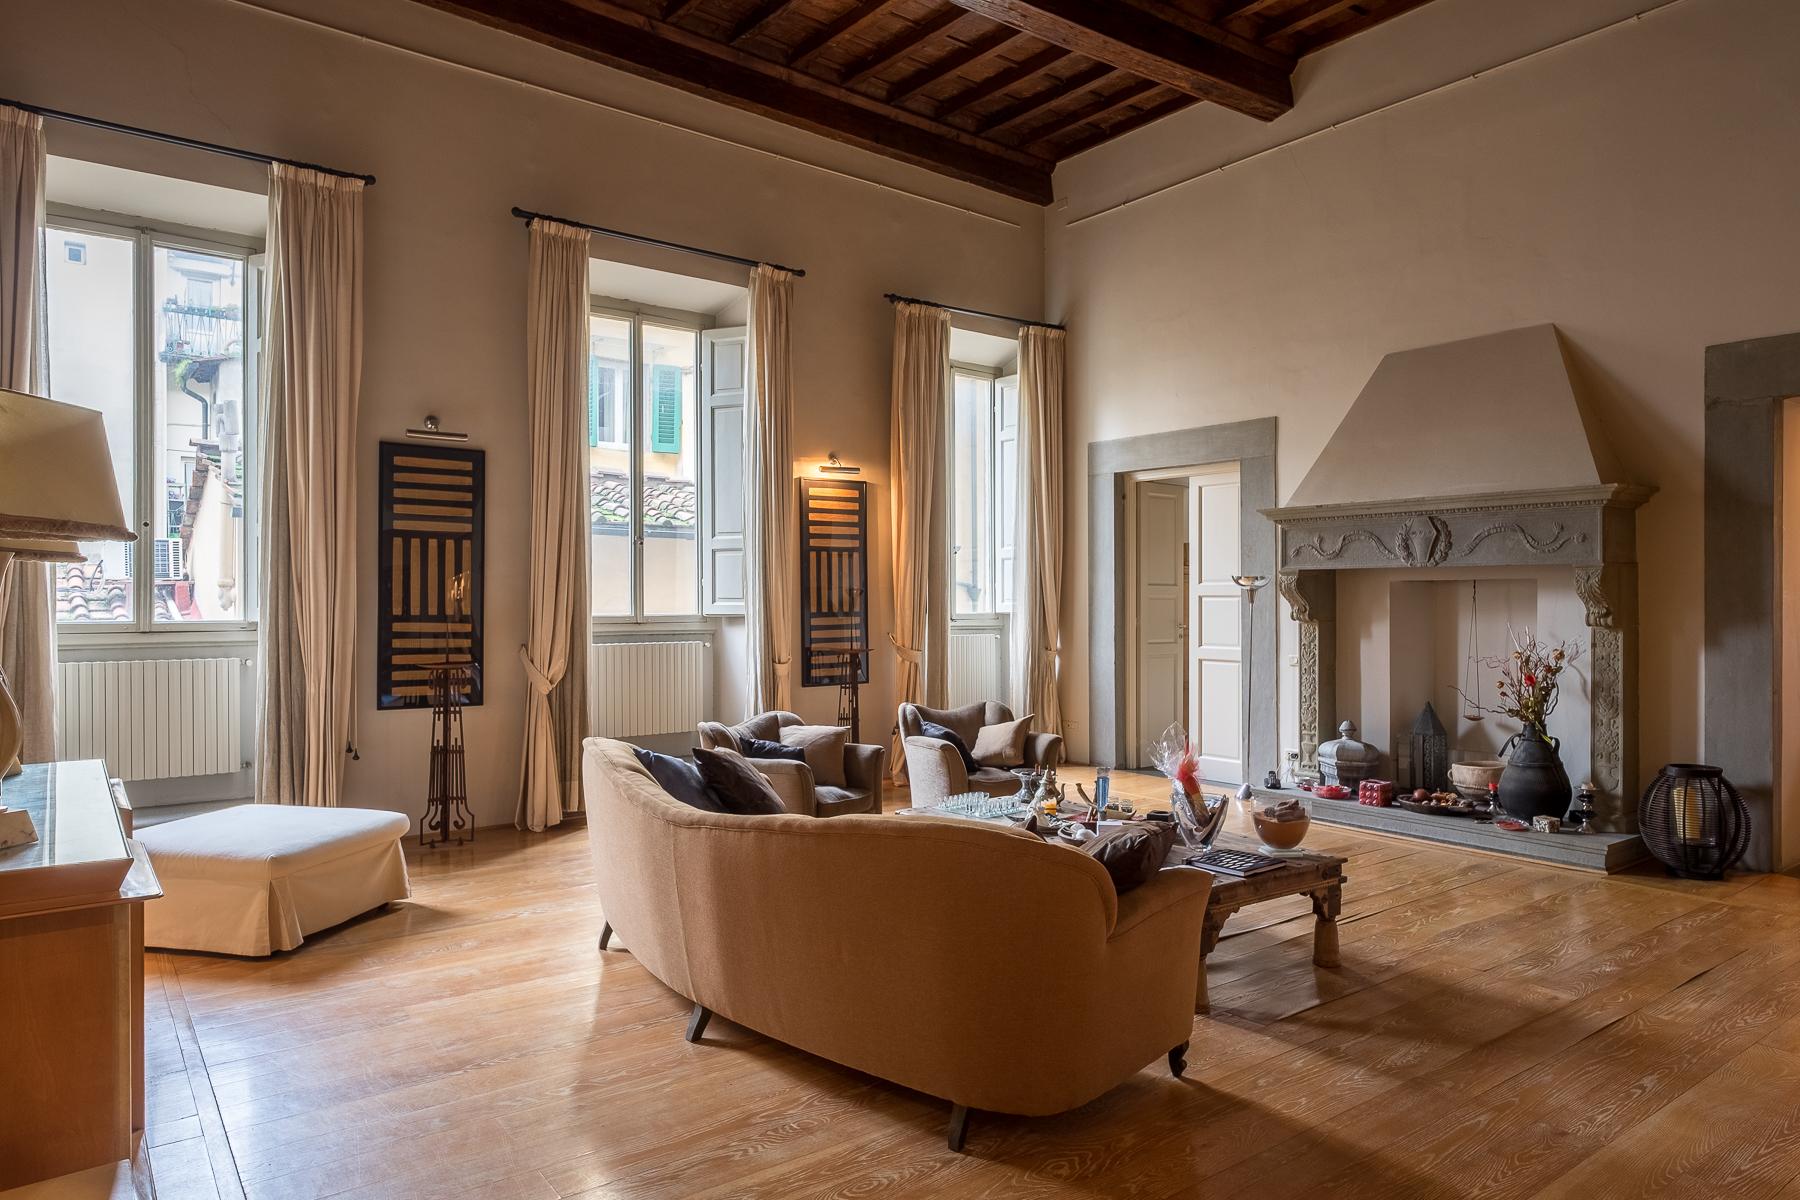 Interni appartamenti di lusso hv91 regardsdefemmes for Appartamenti moderni